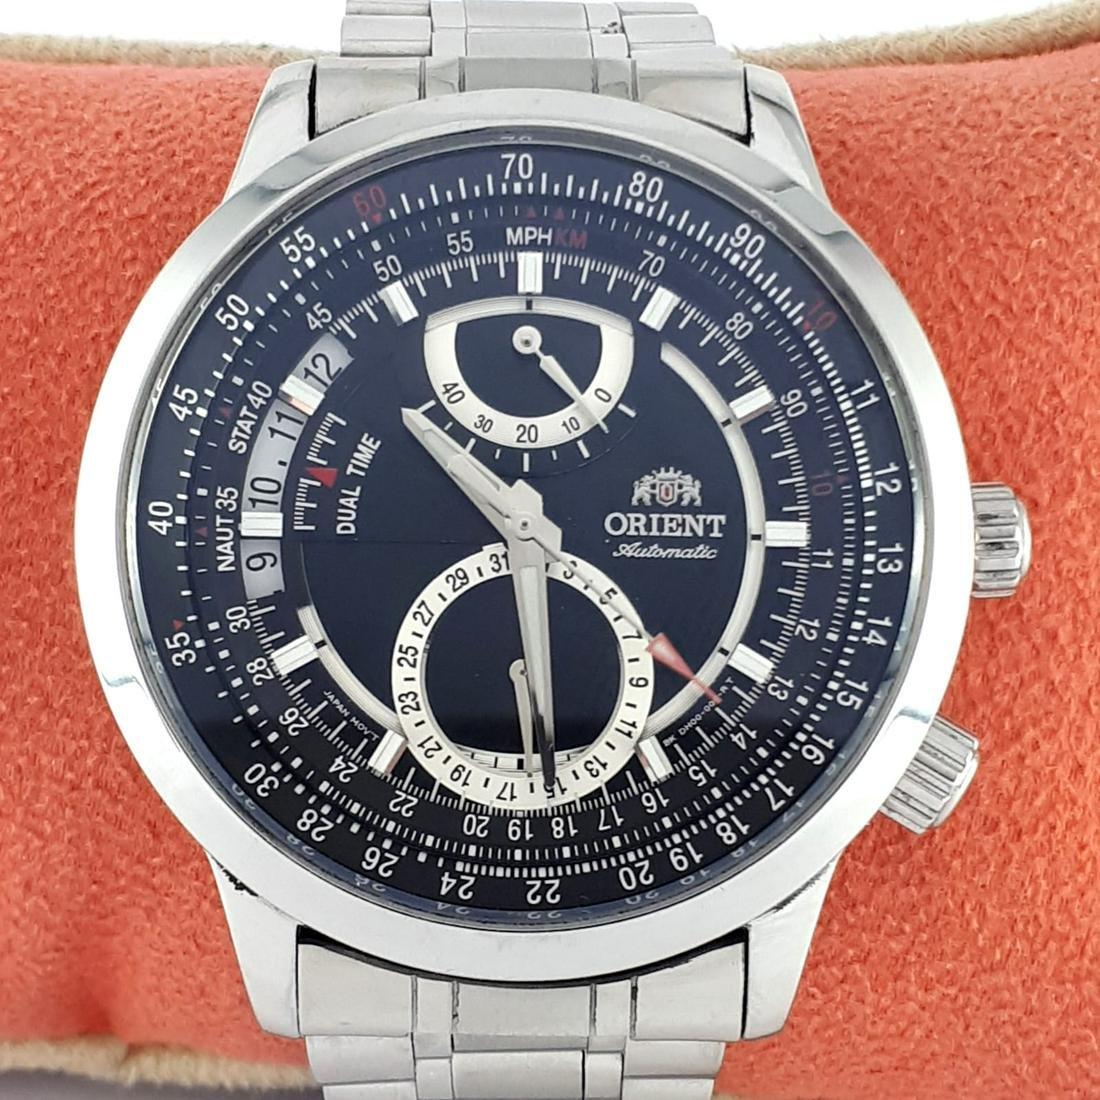 Orient - Dual Time Automatic - Men - 2011-present